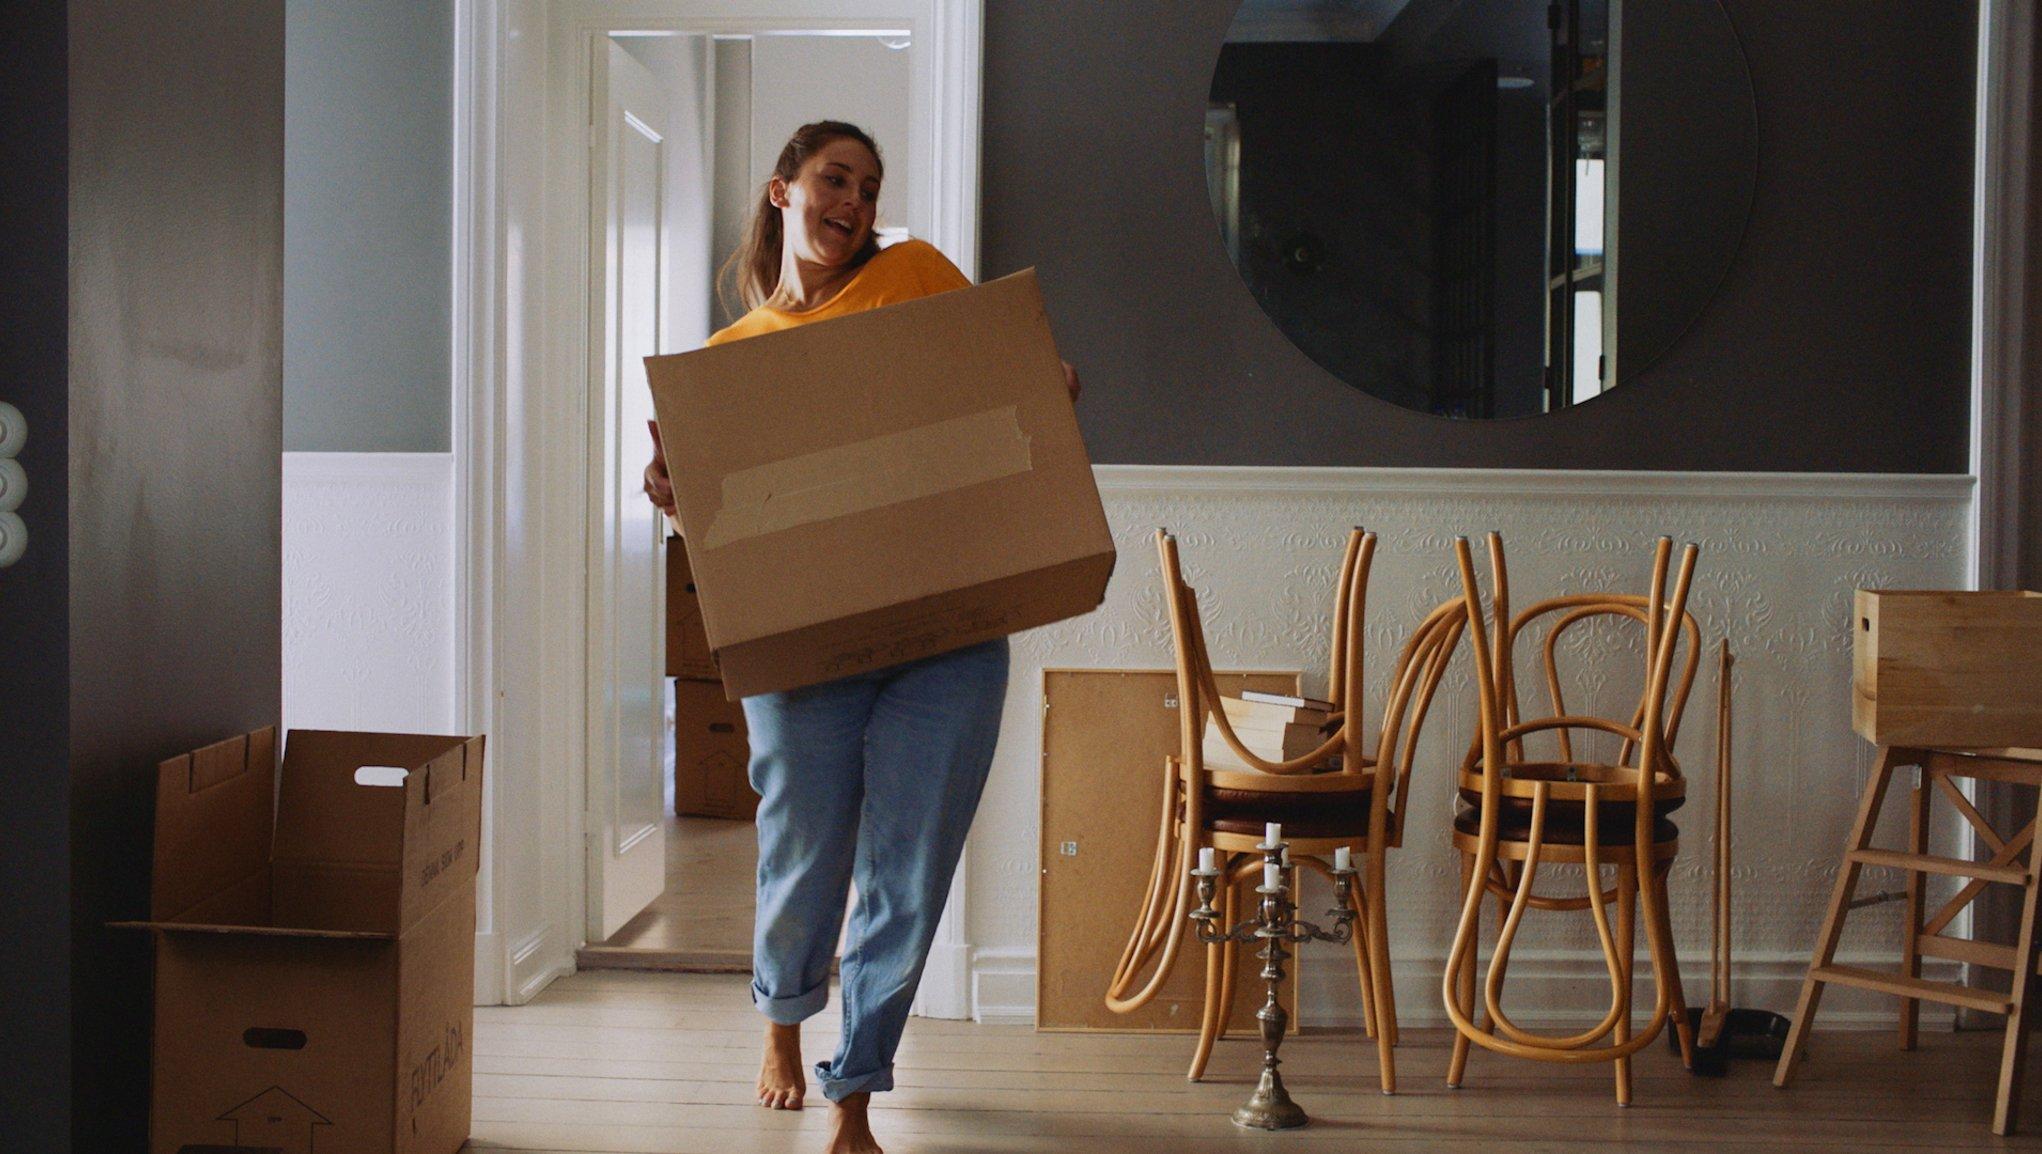 Kvinde der flytter en flyttekasse